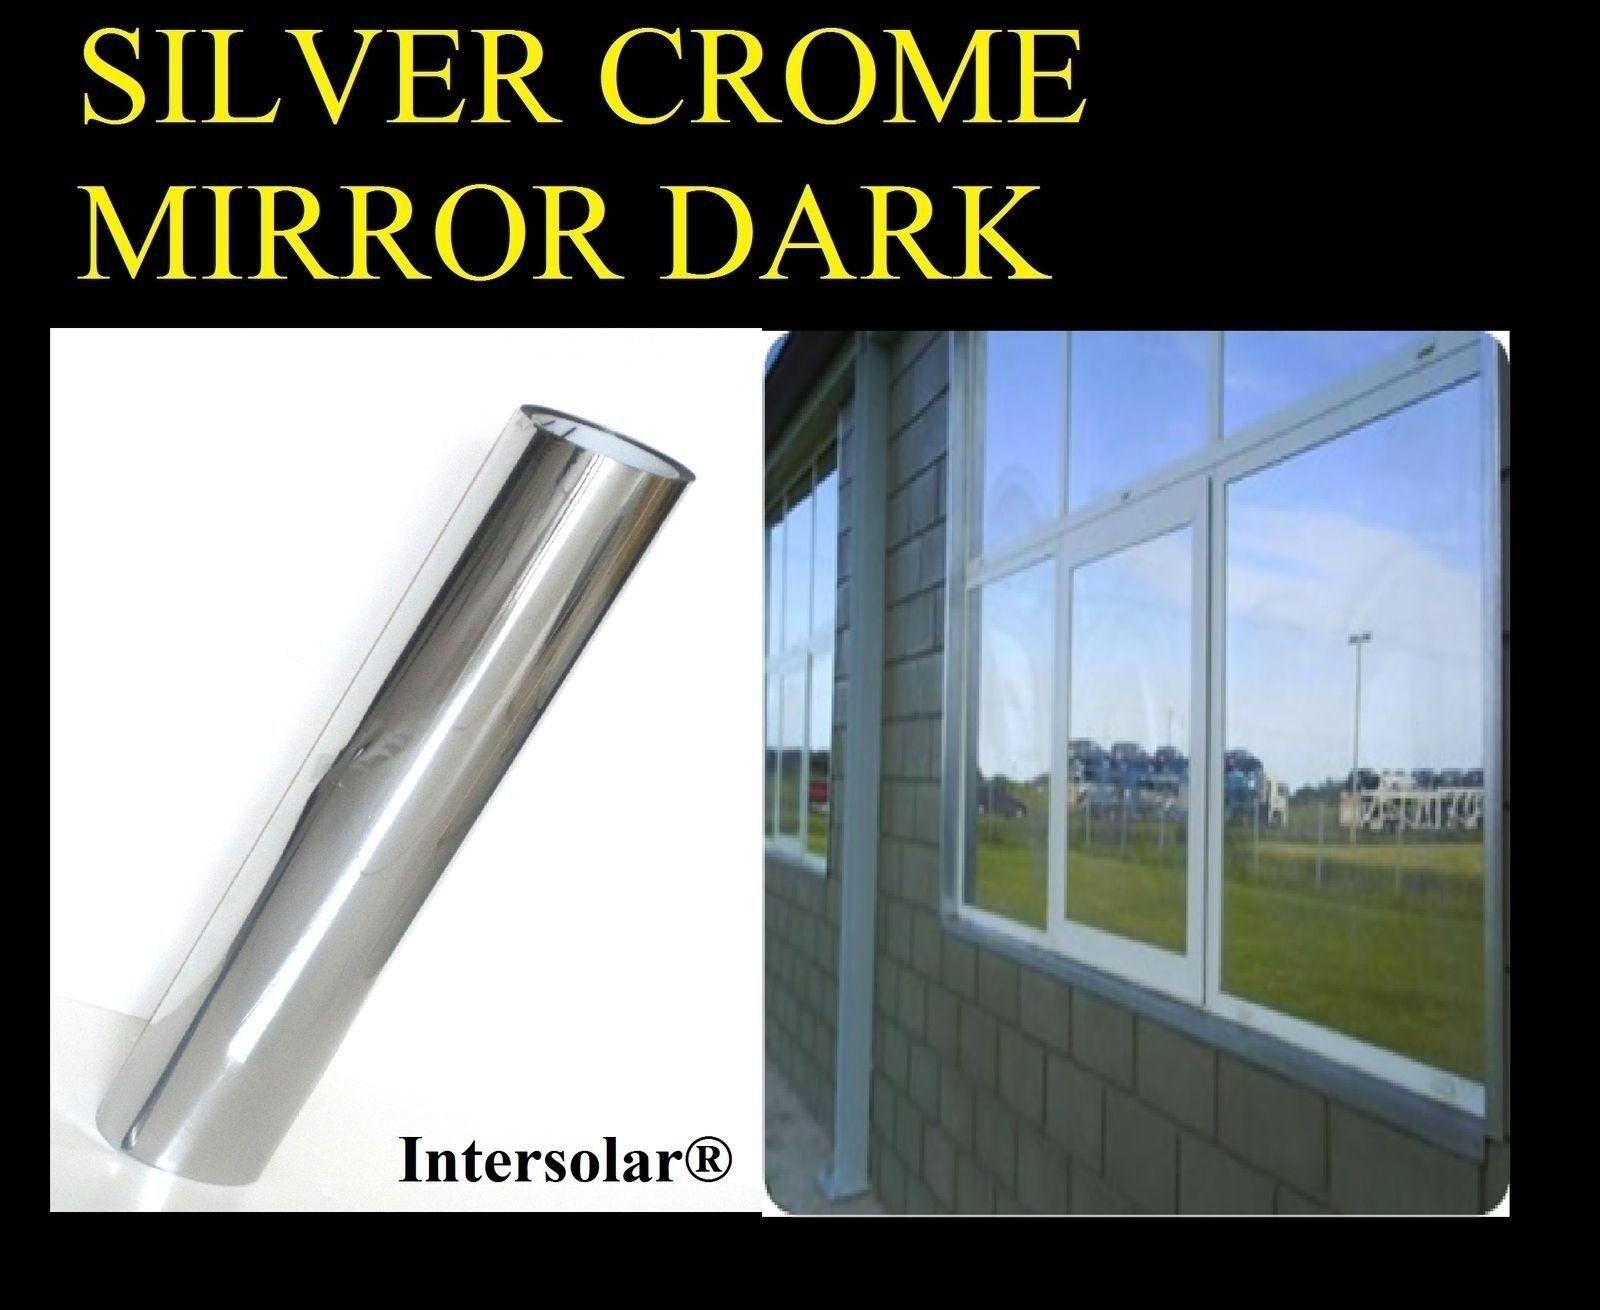 40  X100' Casa tintado Plateado negro película Crome Espejo parada Calor 2ply 05% Oscuro